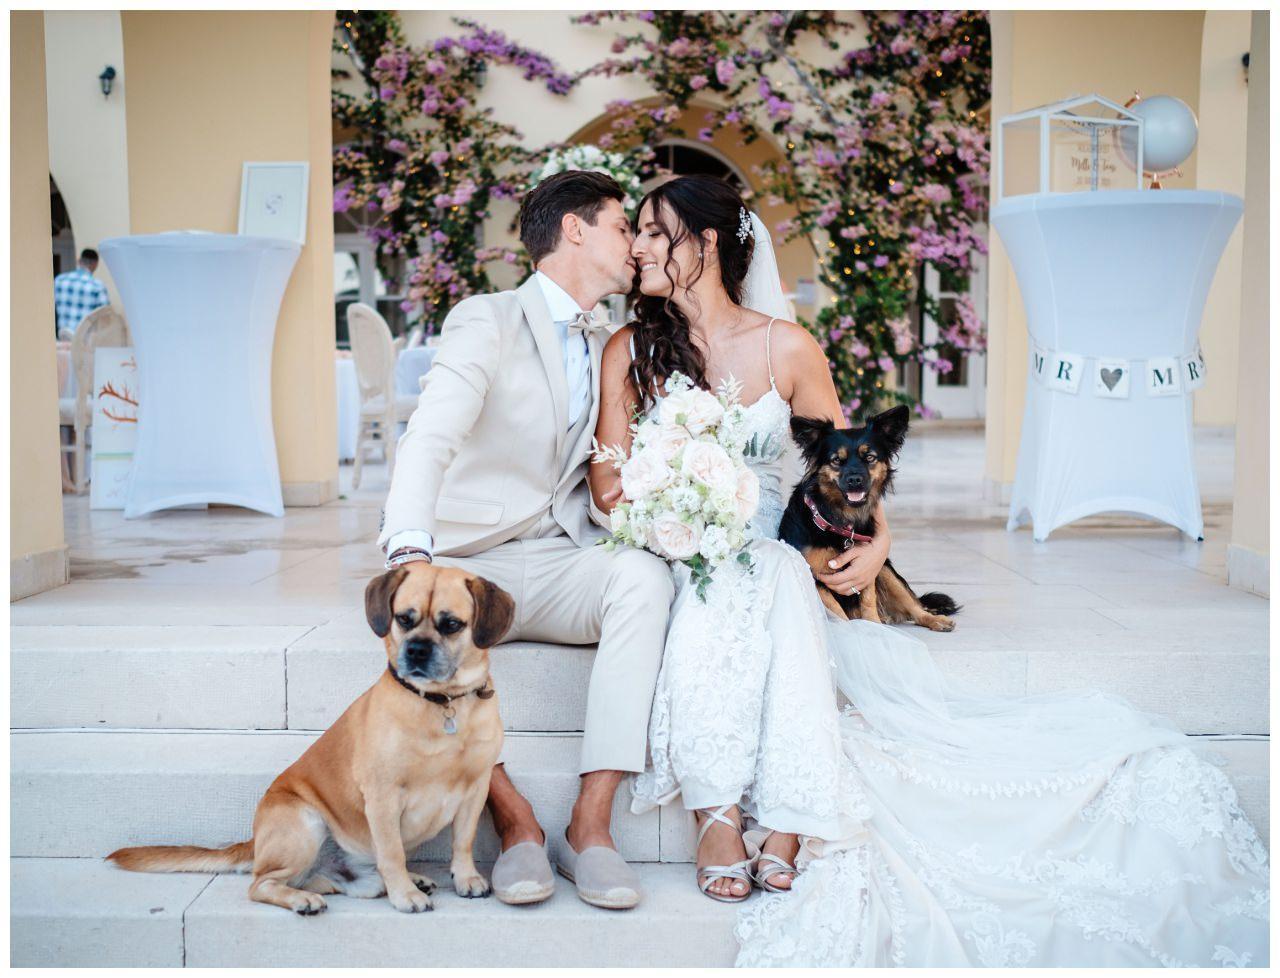 Hochzeit kroatien heiraten split ausland hochzeitsfotograf 55 - Freie Trauung in Kroatien